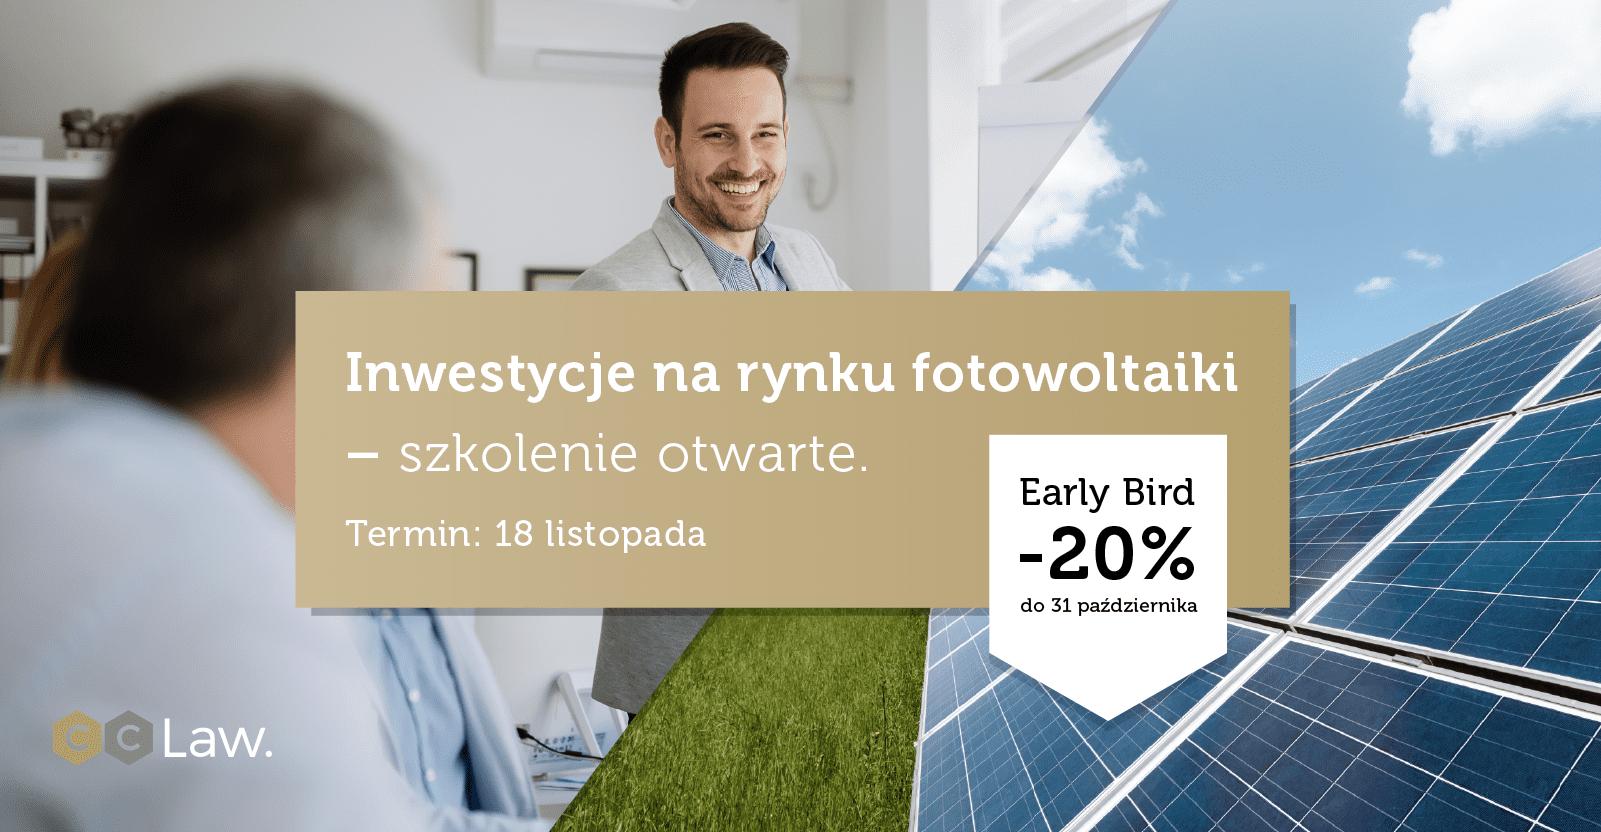 Szkolenie inwestycje na rynku fotowoltaiki